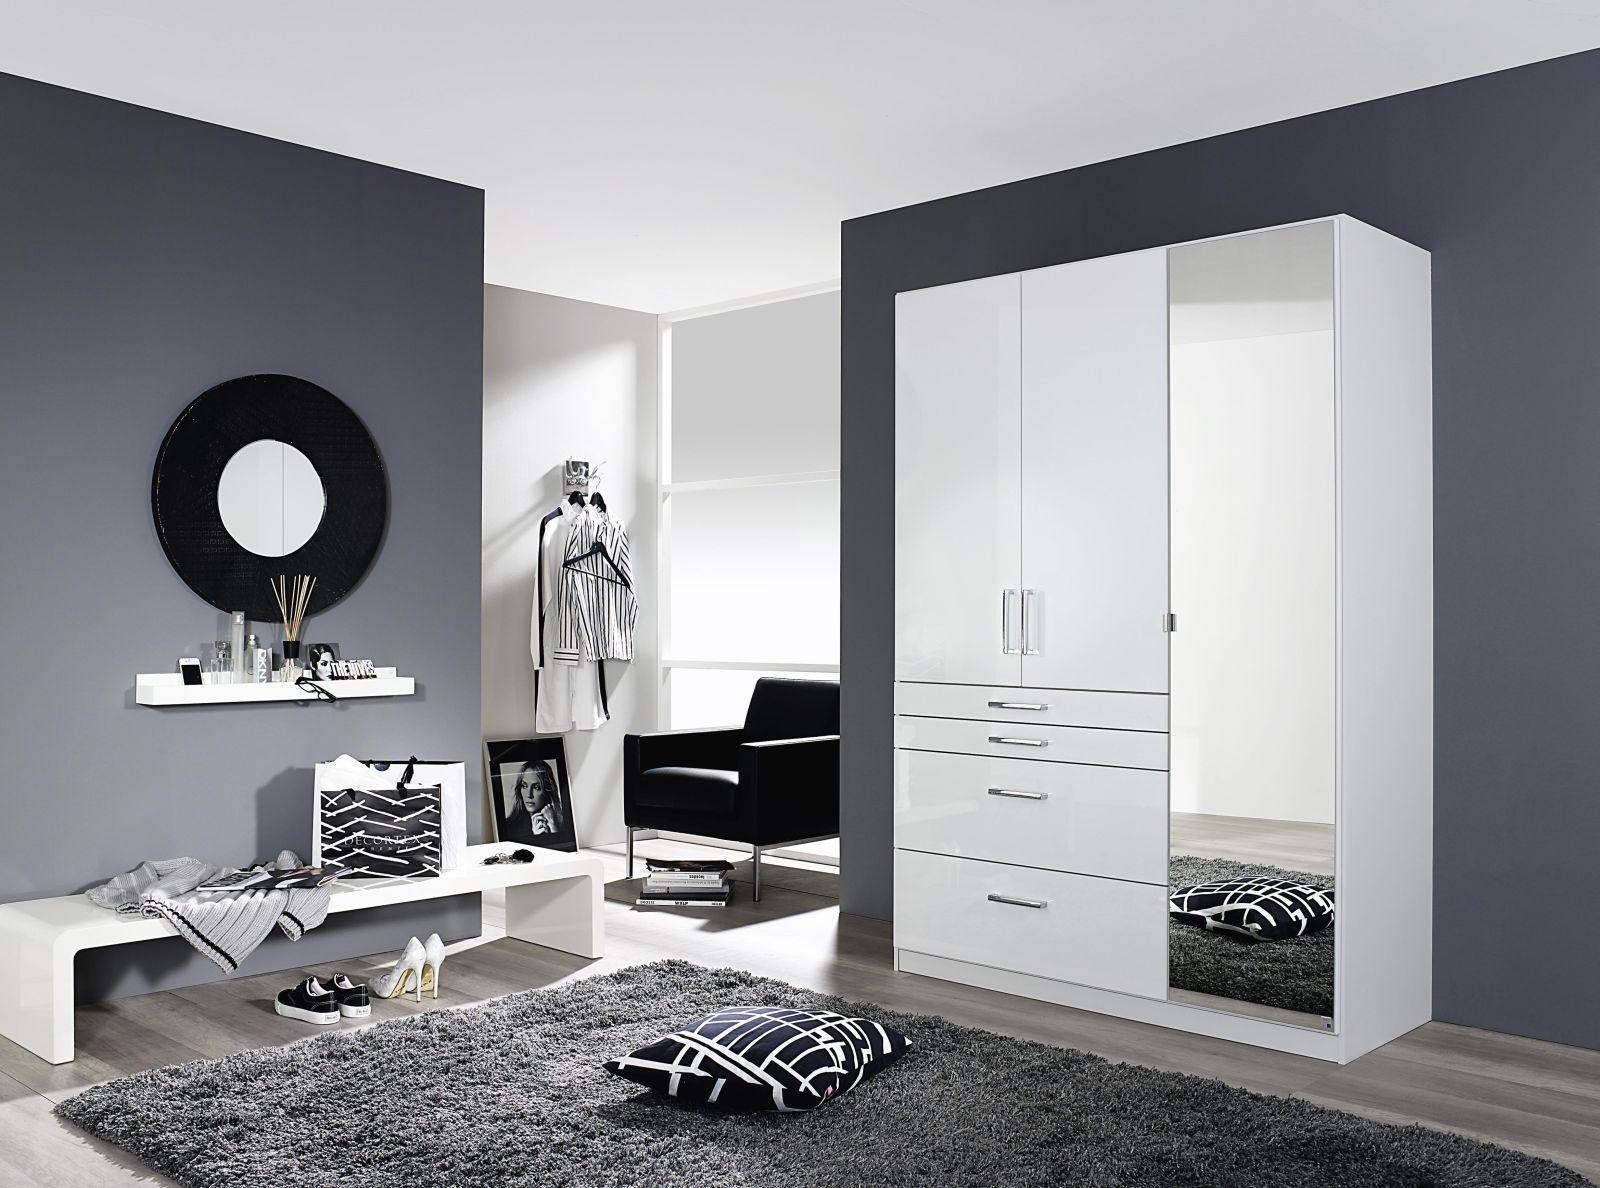 kleiderschrank homburg kleiderschr nke schlafzimmer sortiment pack zu m bel sb und. Black Bedroom Furniture Sets. Home Design Ideas